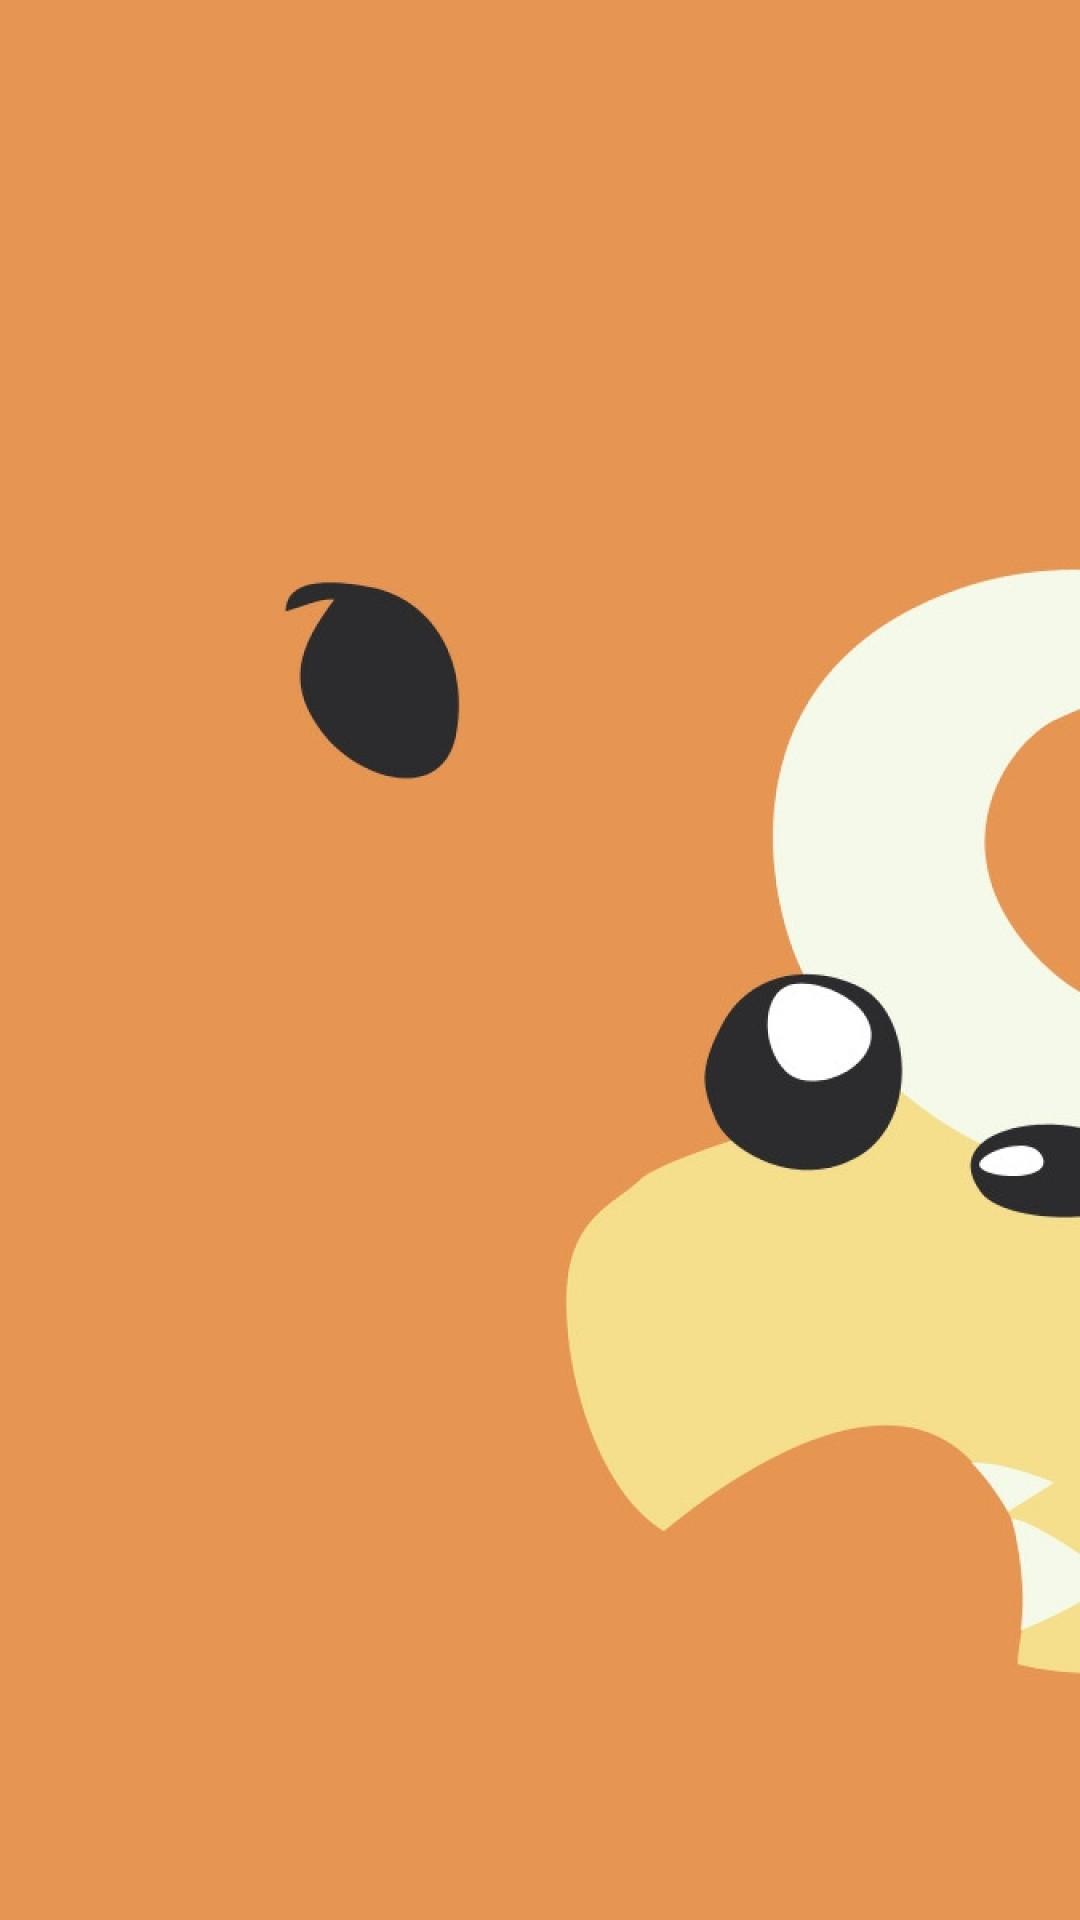 Best pokemon phone wallpaper images